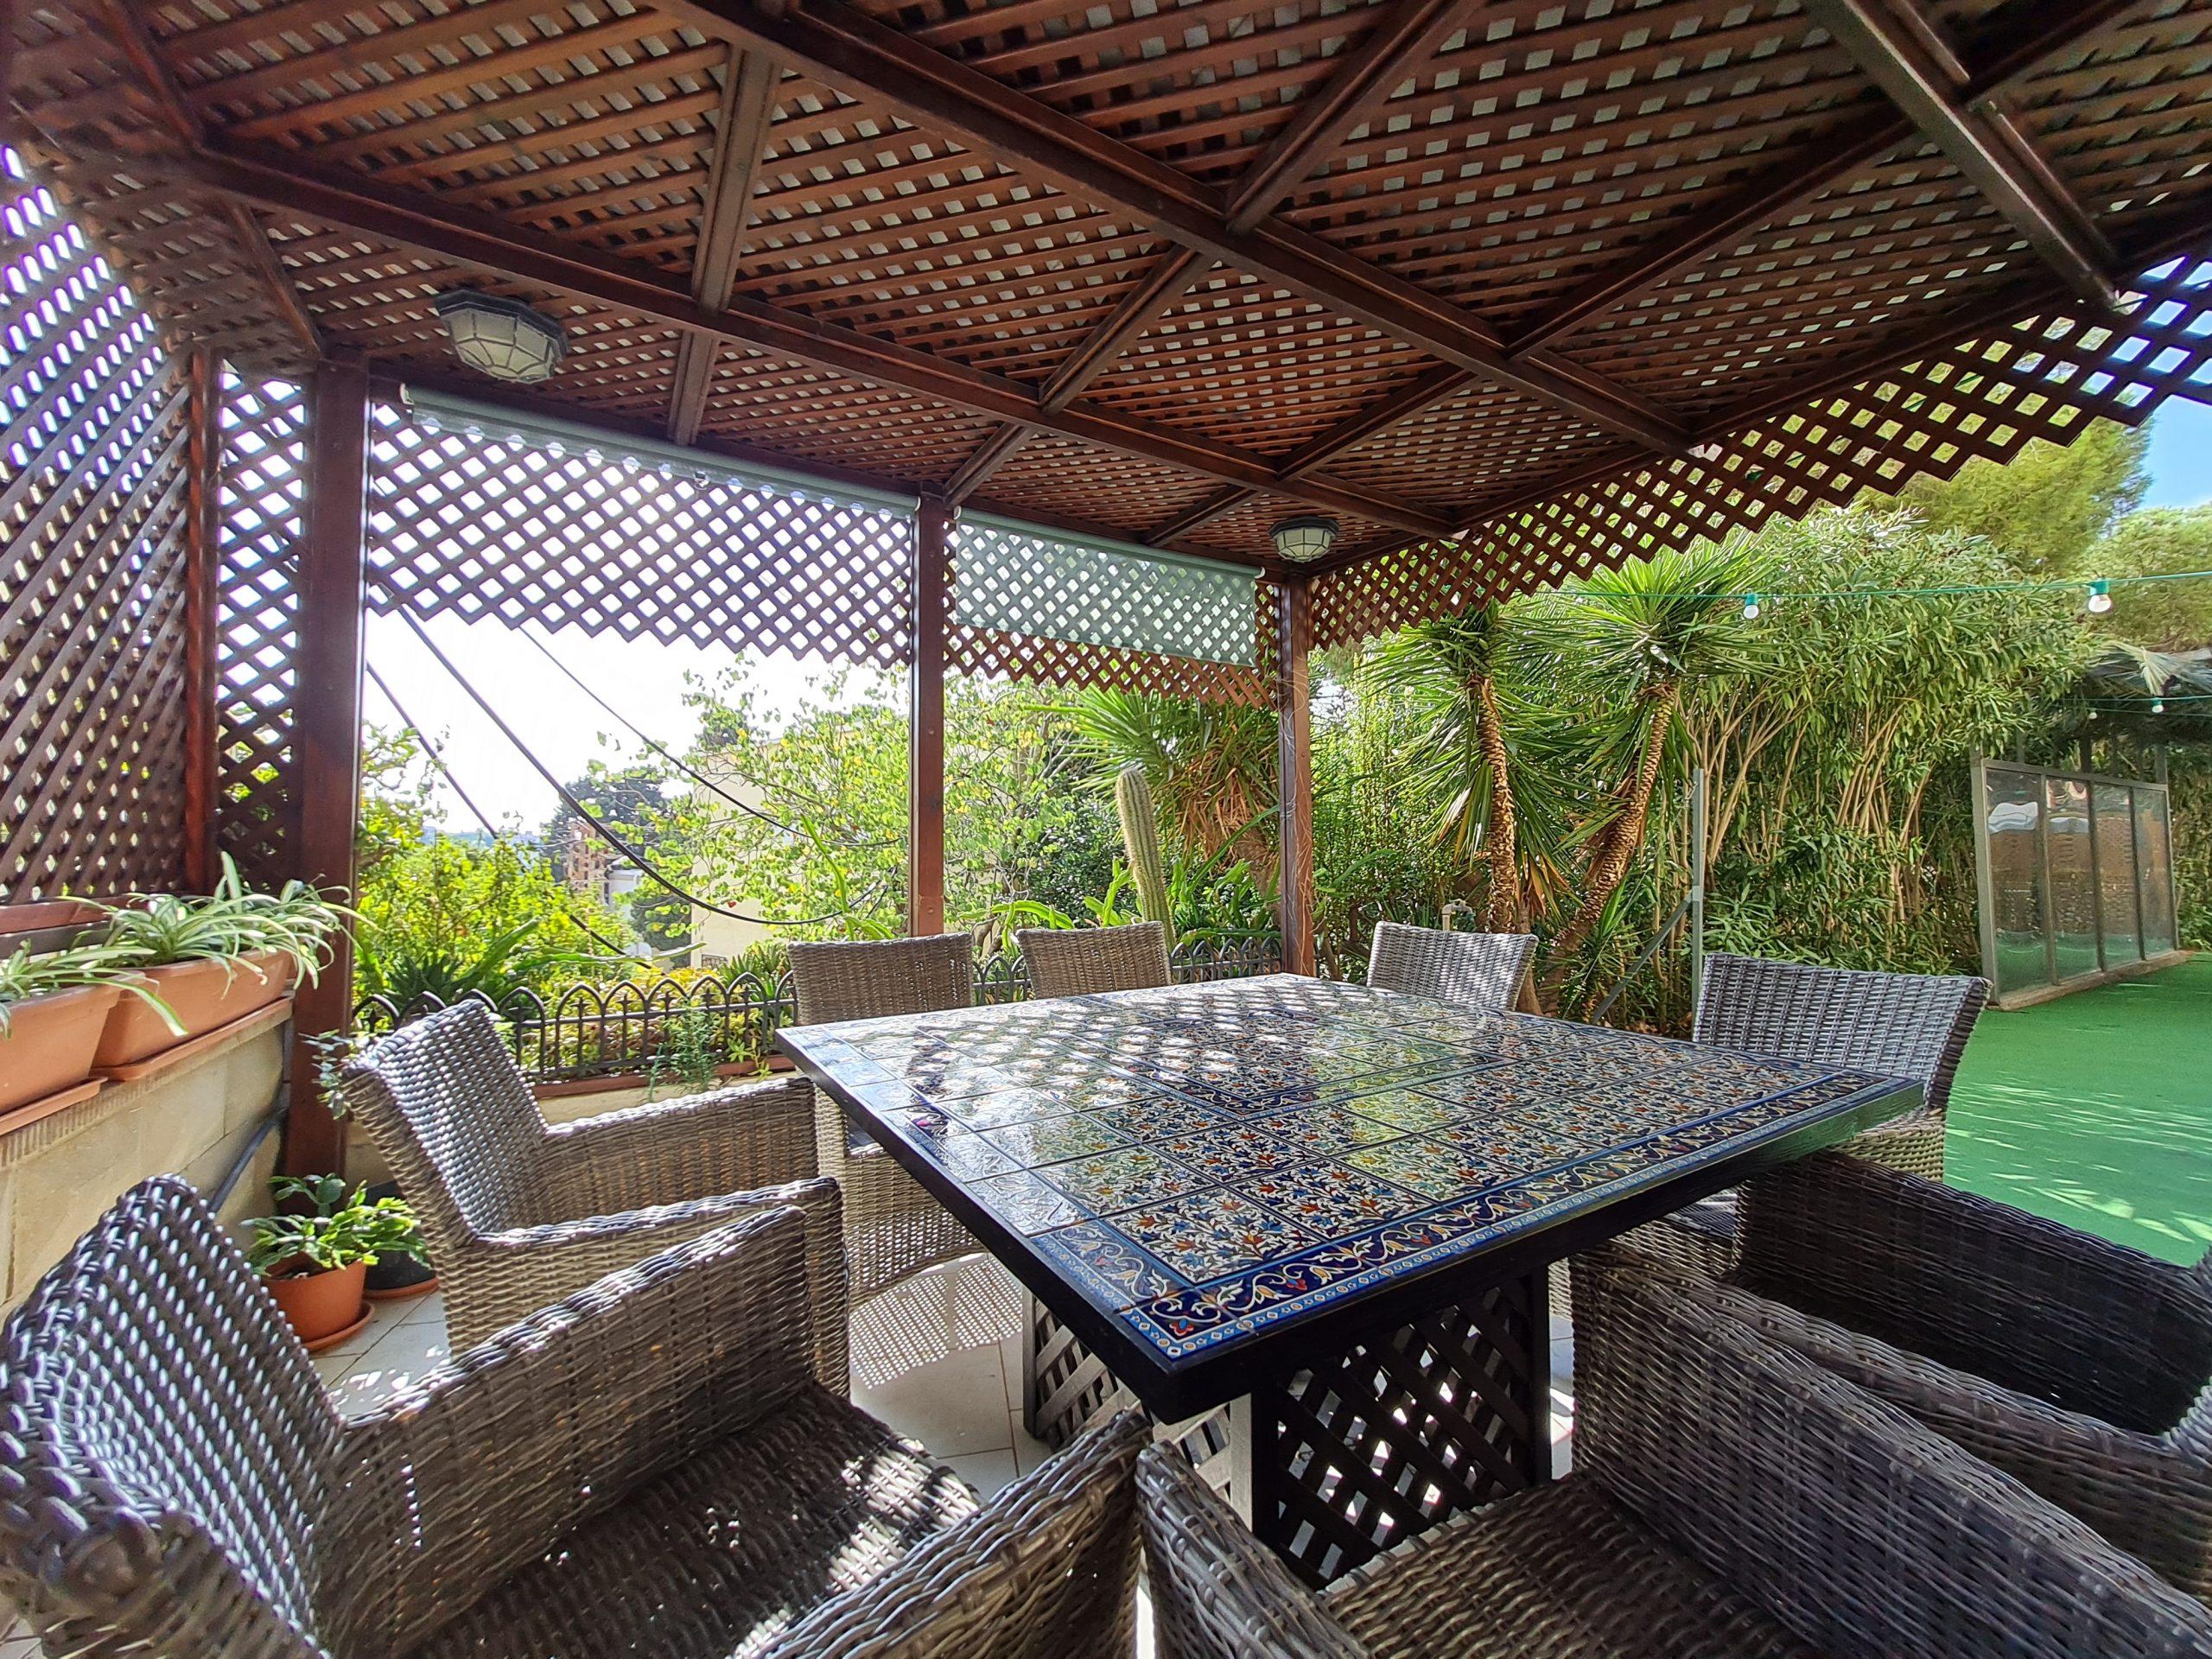 Beth-Shalom_Garden-Sitting